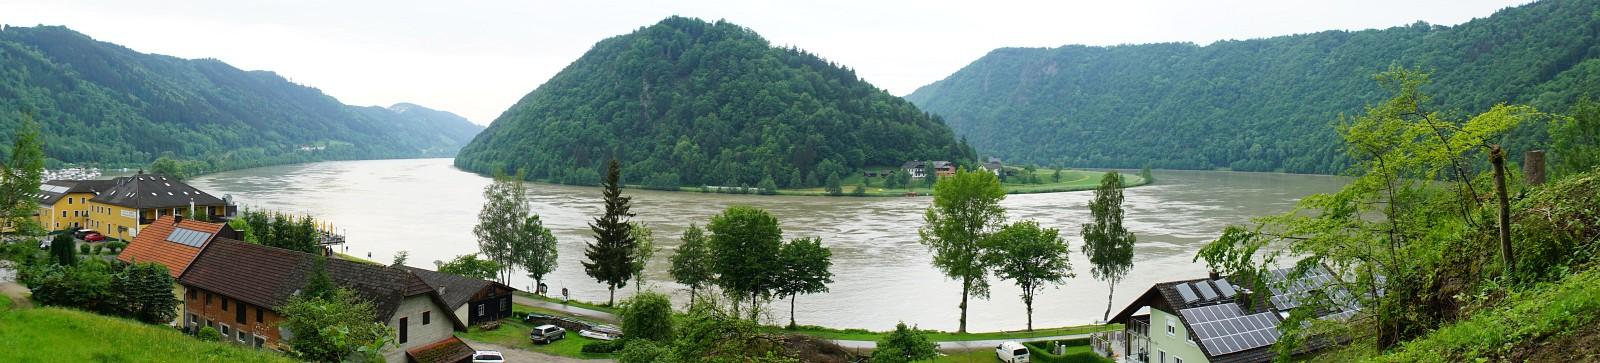 """Donauschlinge - """"Schlögener Schlinge"""" (Klick zur Vergrößerung)"""